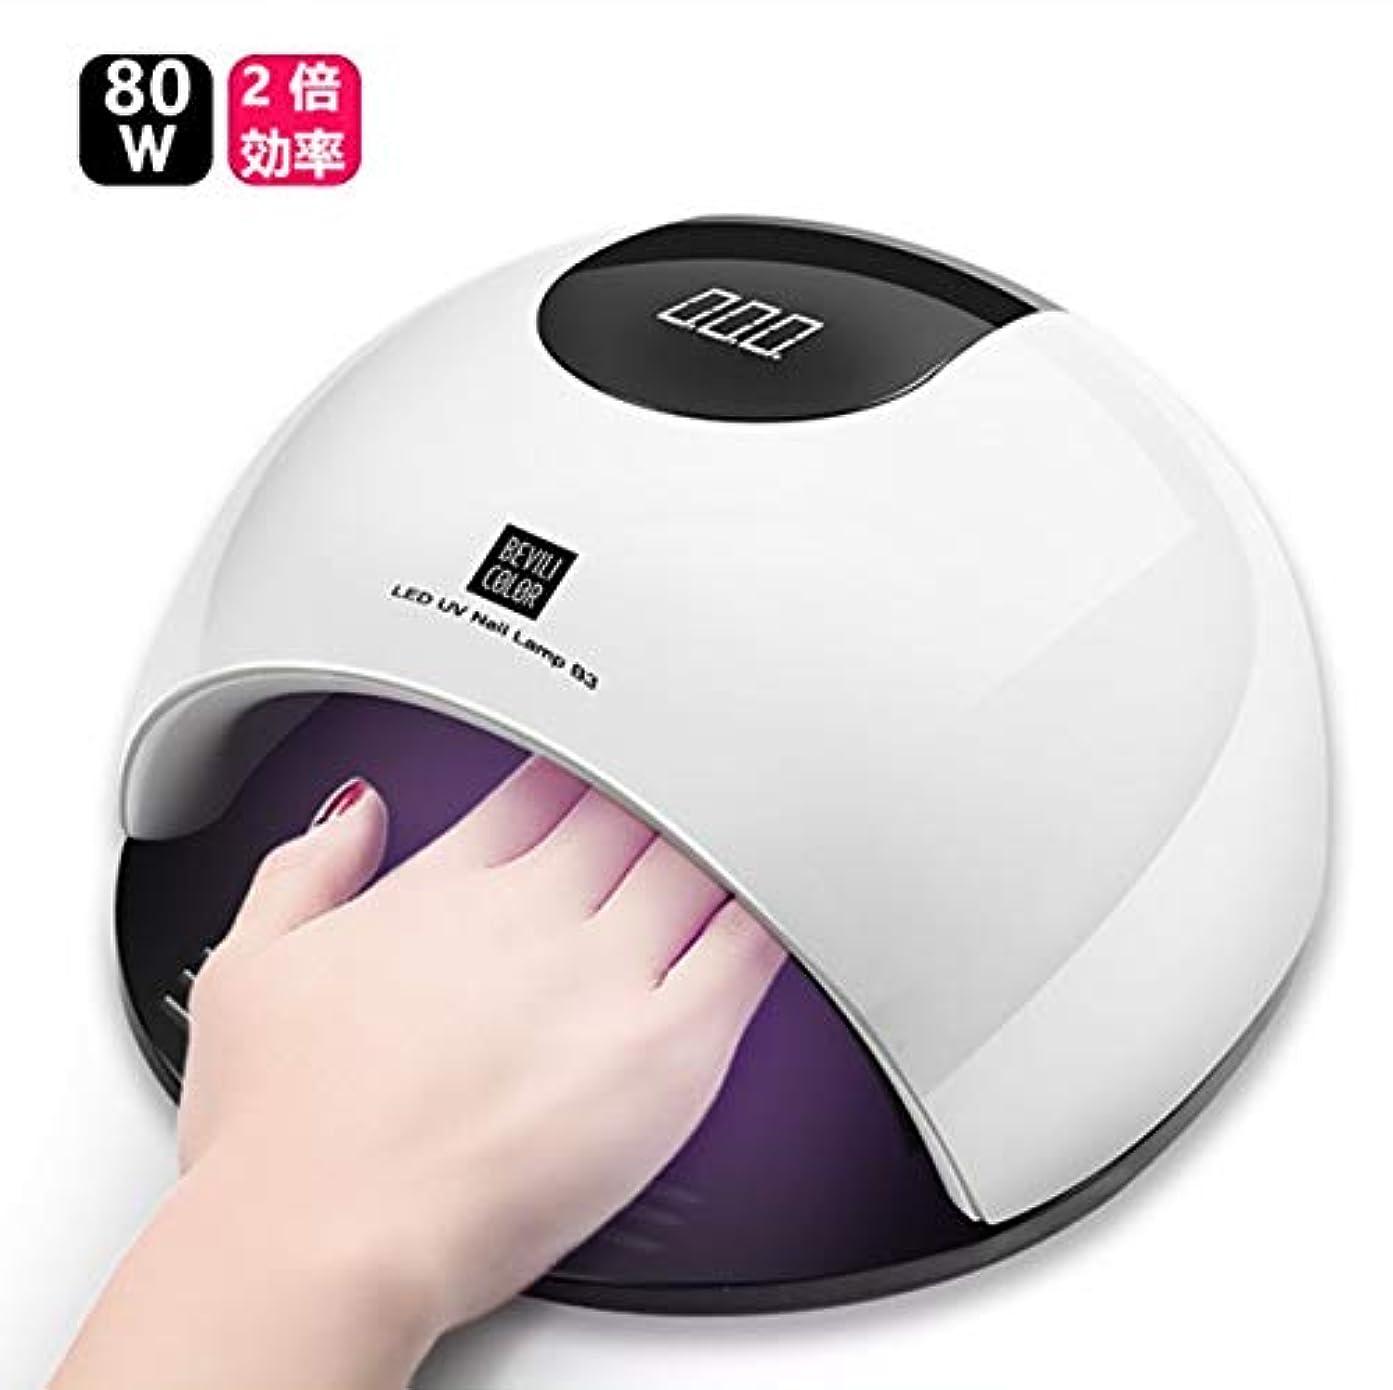 ベンチ真実読書UV LEDネイルドライヤー 赤外線検知 80W2倍の効率 赤外線美白機能付き マニキュア用 4段階タイマー設定可能 手足兼用 (白) [並行輸入品]